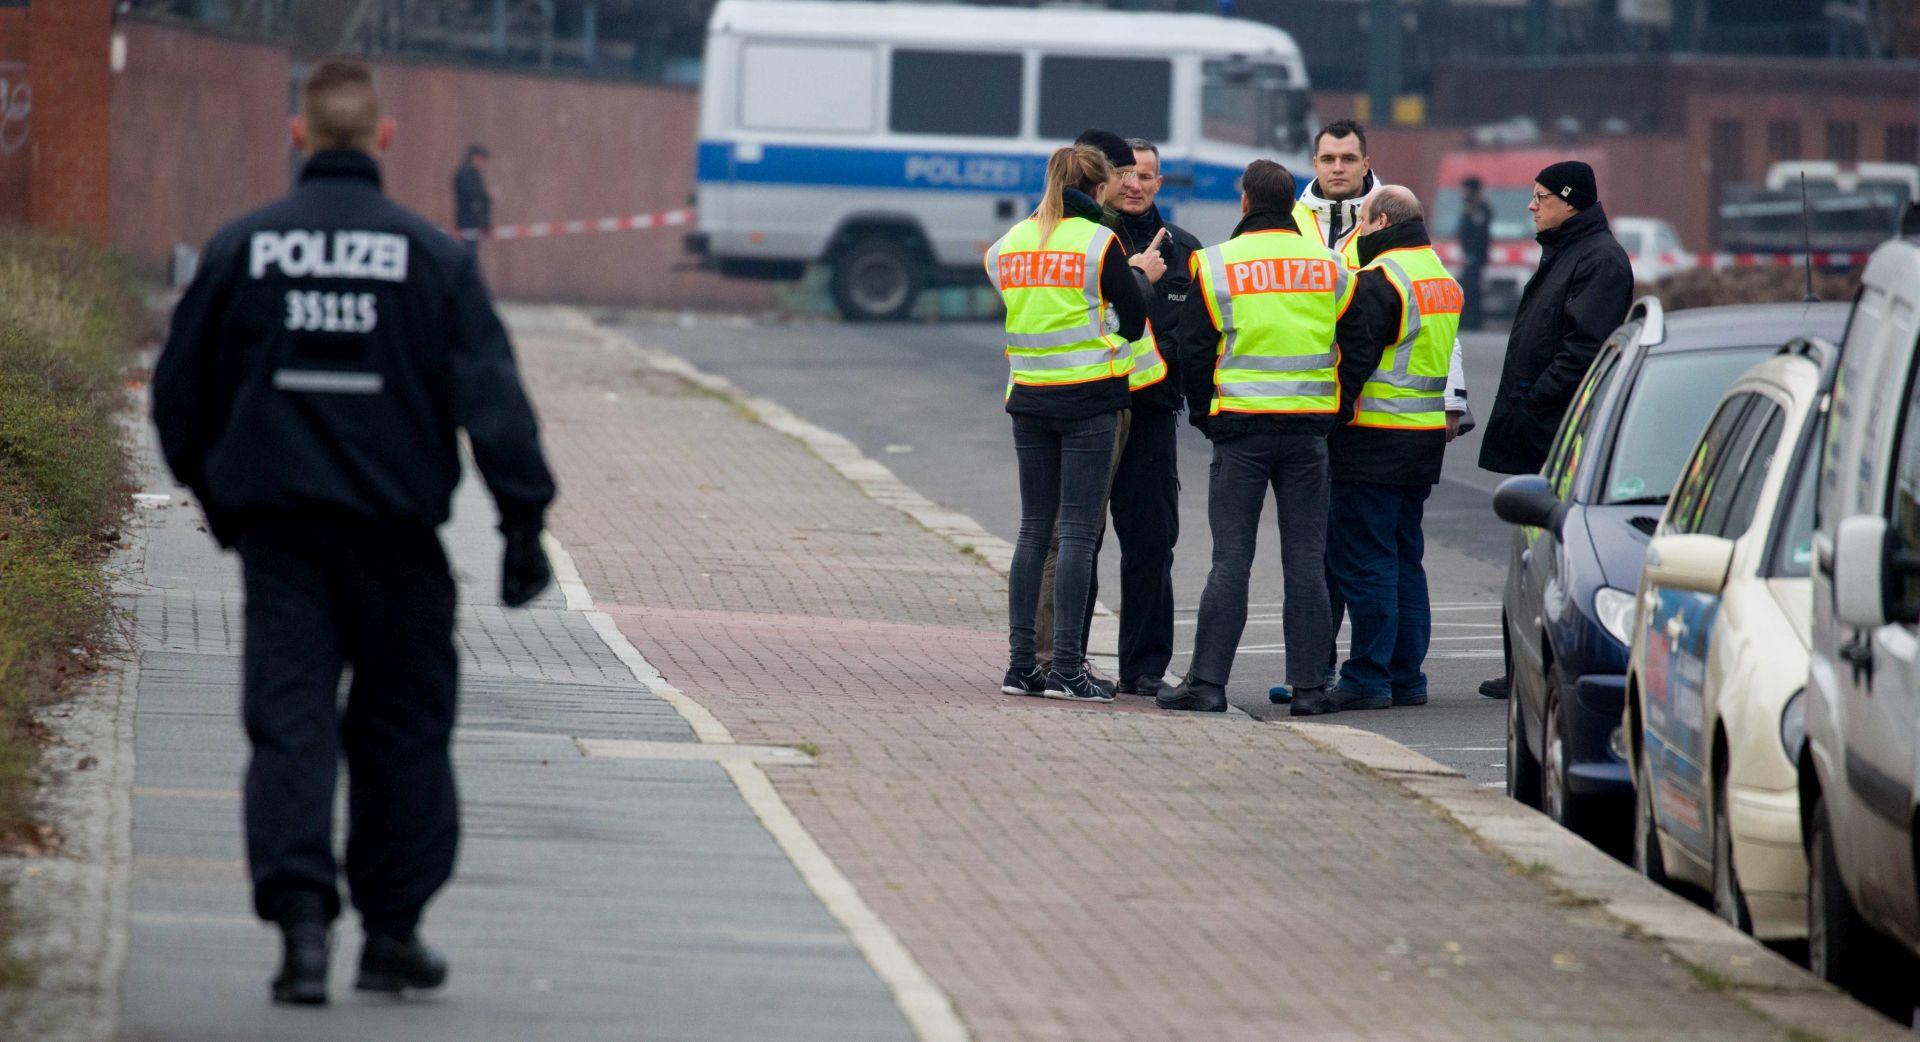 ISTRAŽIVANJE Nijemci podupiru snažnije mjere sigurnosti